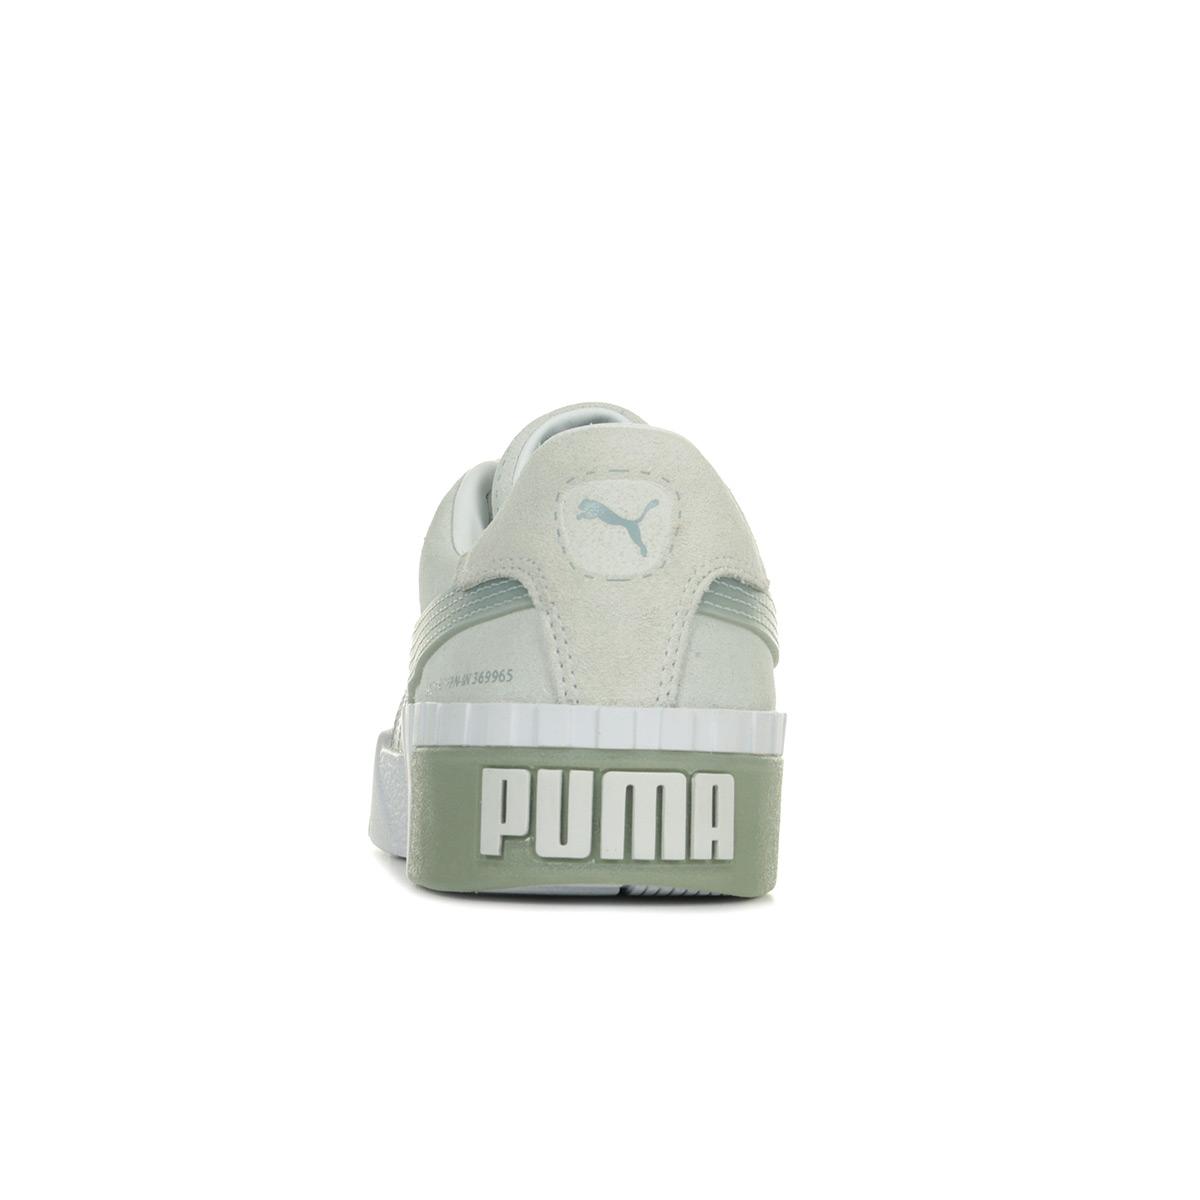 Détails sur Chaussures Baskets Puma femme Cali Patternmaster Wn's taille Gris Grise Cuir